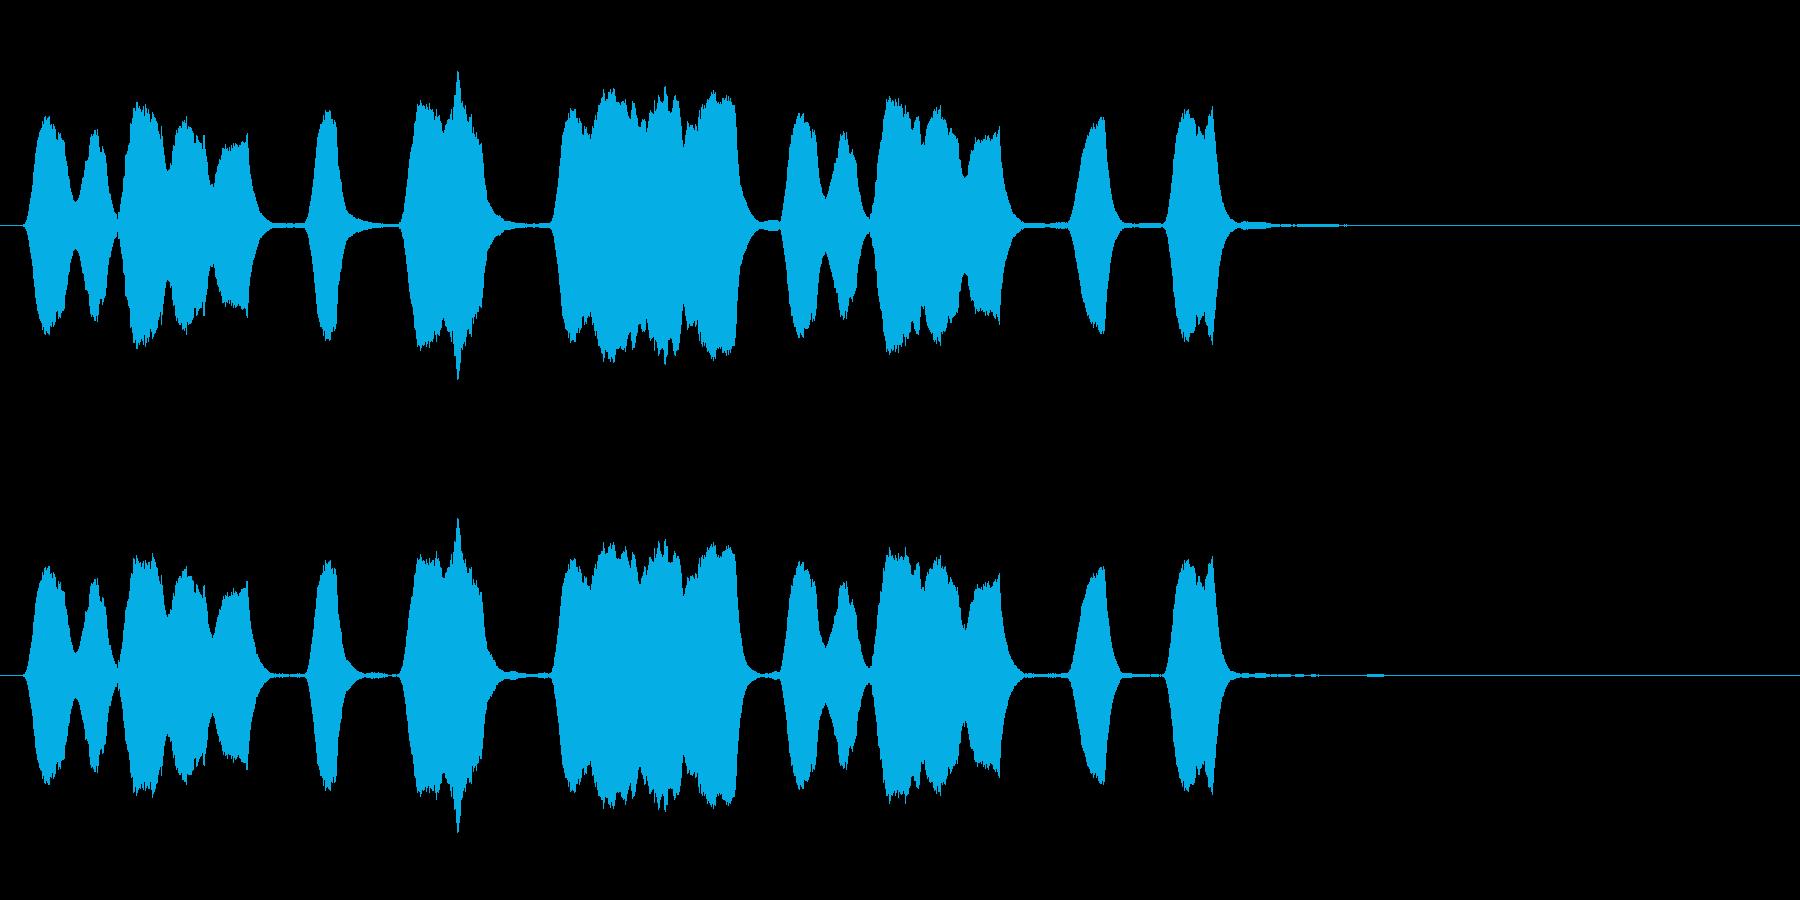 ジングル 口笛 軽快 愉快の再生済みの波形